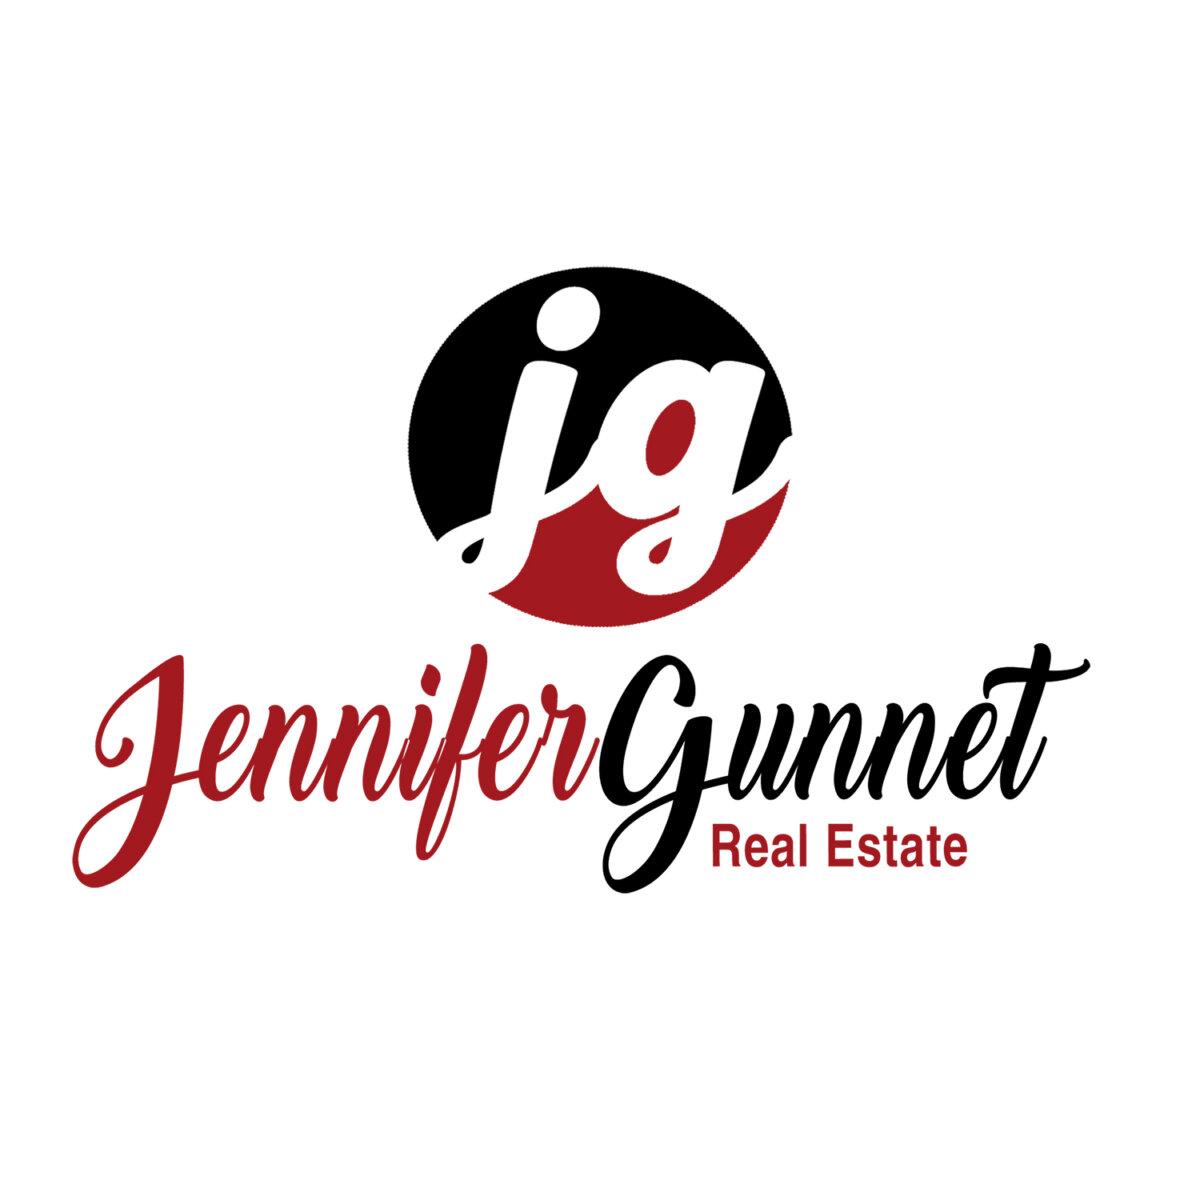 Jennifer Gunnet, Realtor logo